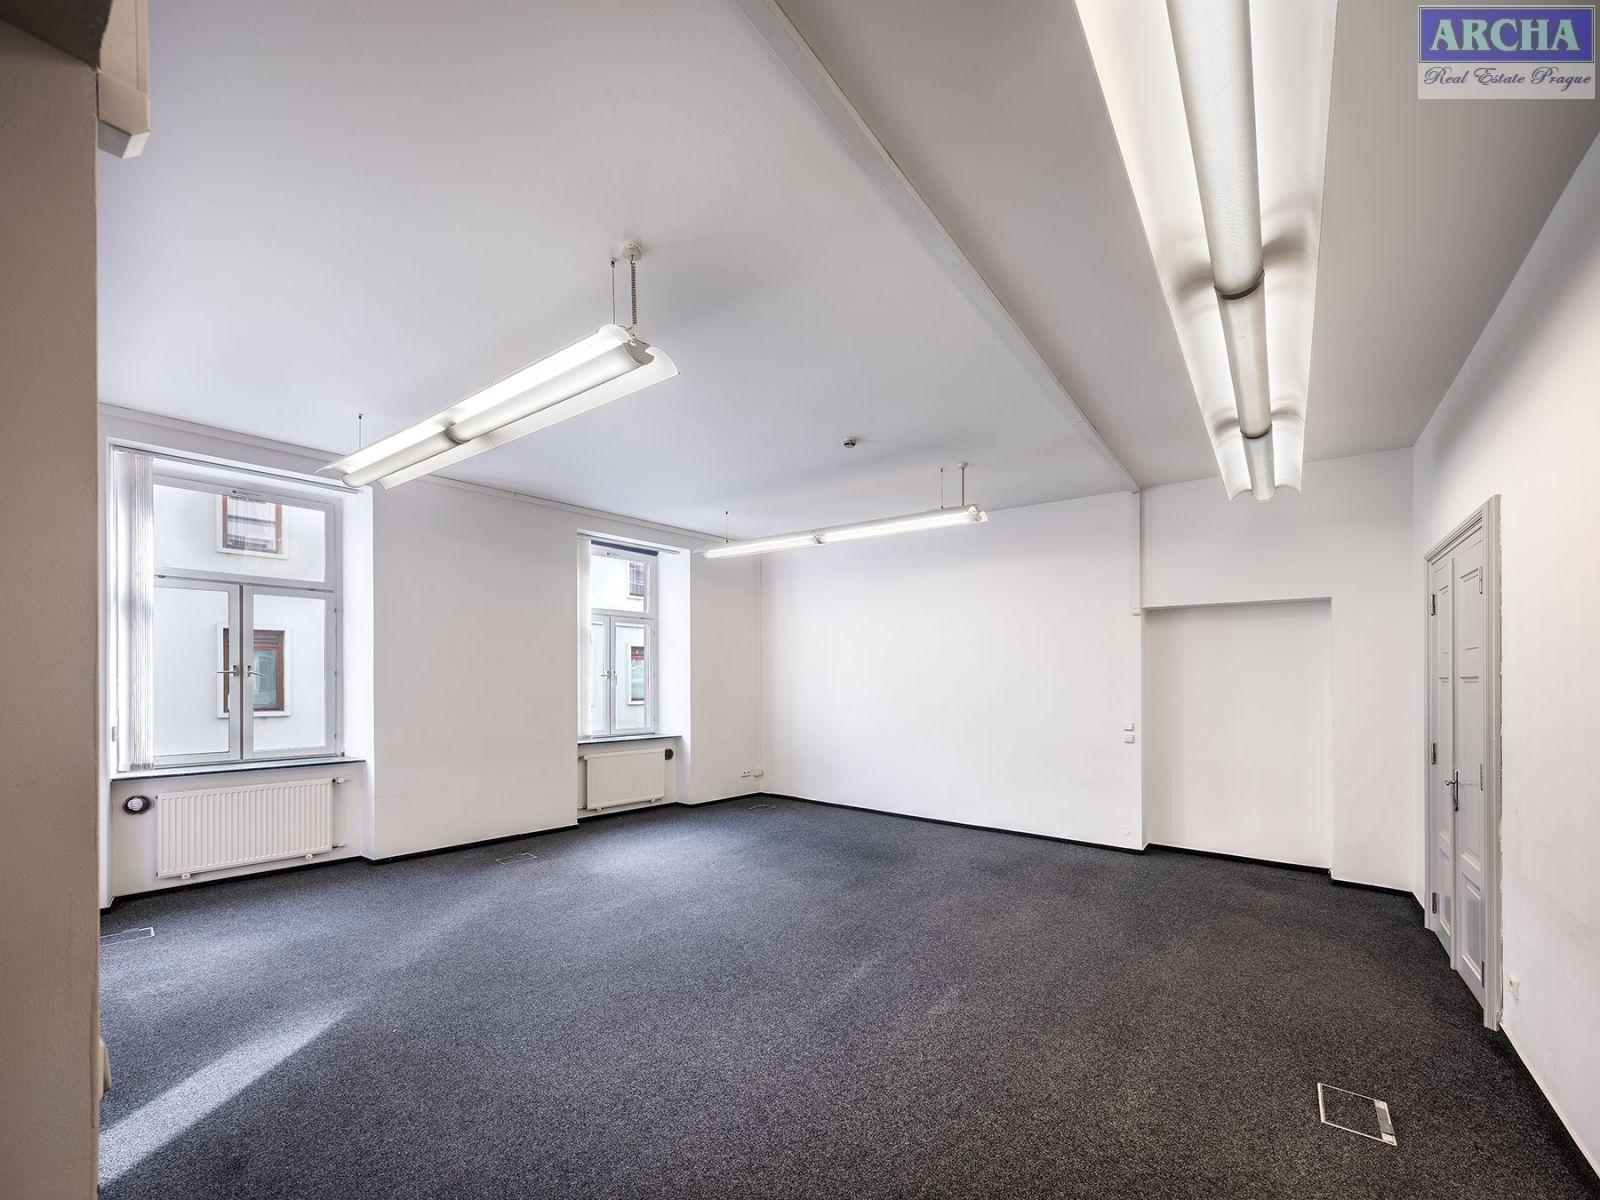 Nájem moderních kanceláří 141 m2, 2. patro, Praha 1 Centrum